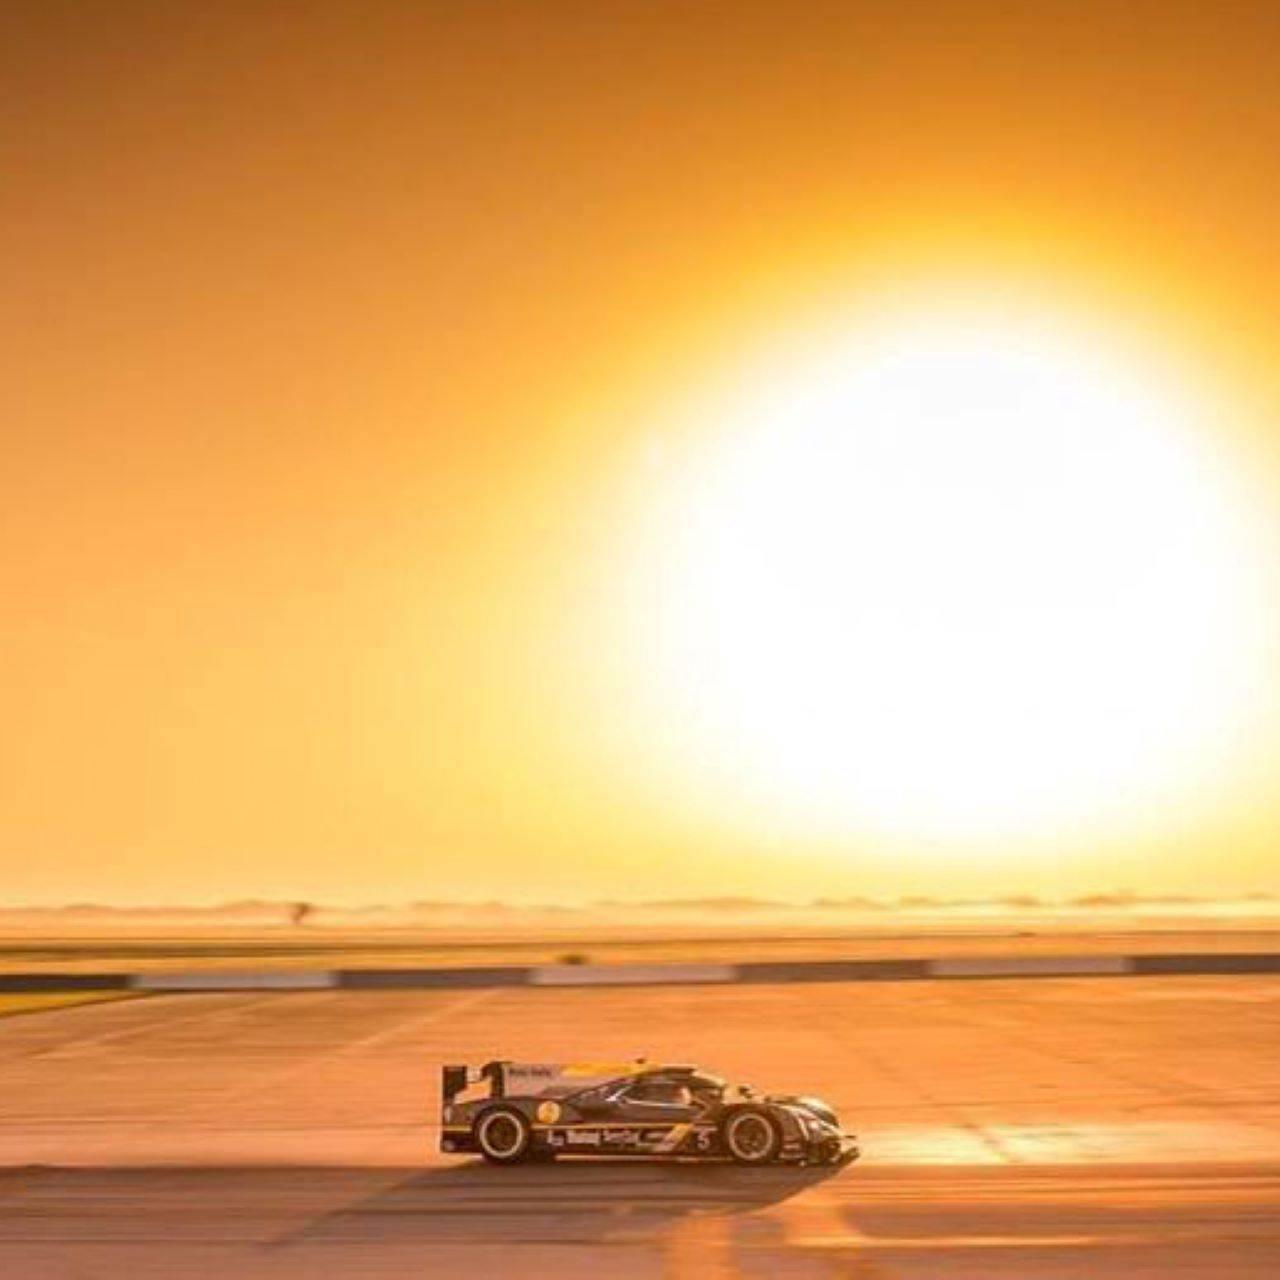 Racing Sunset